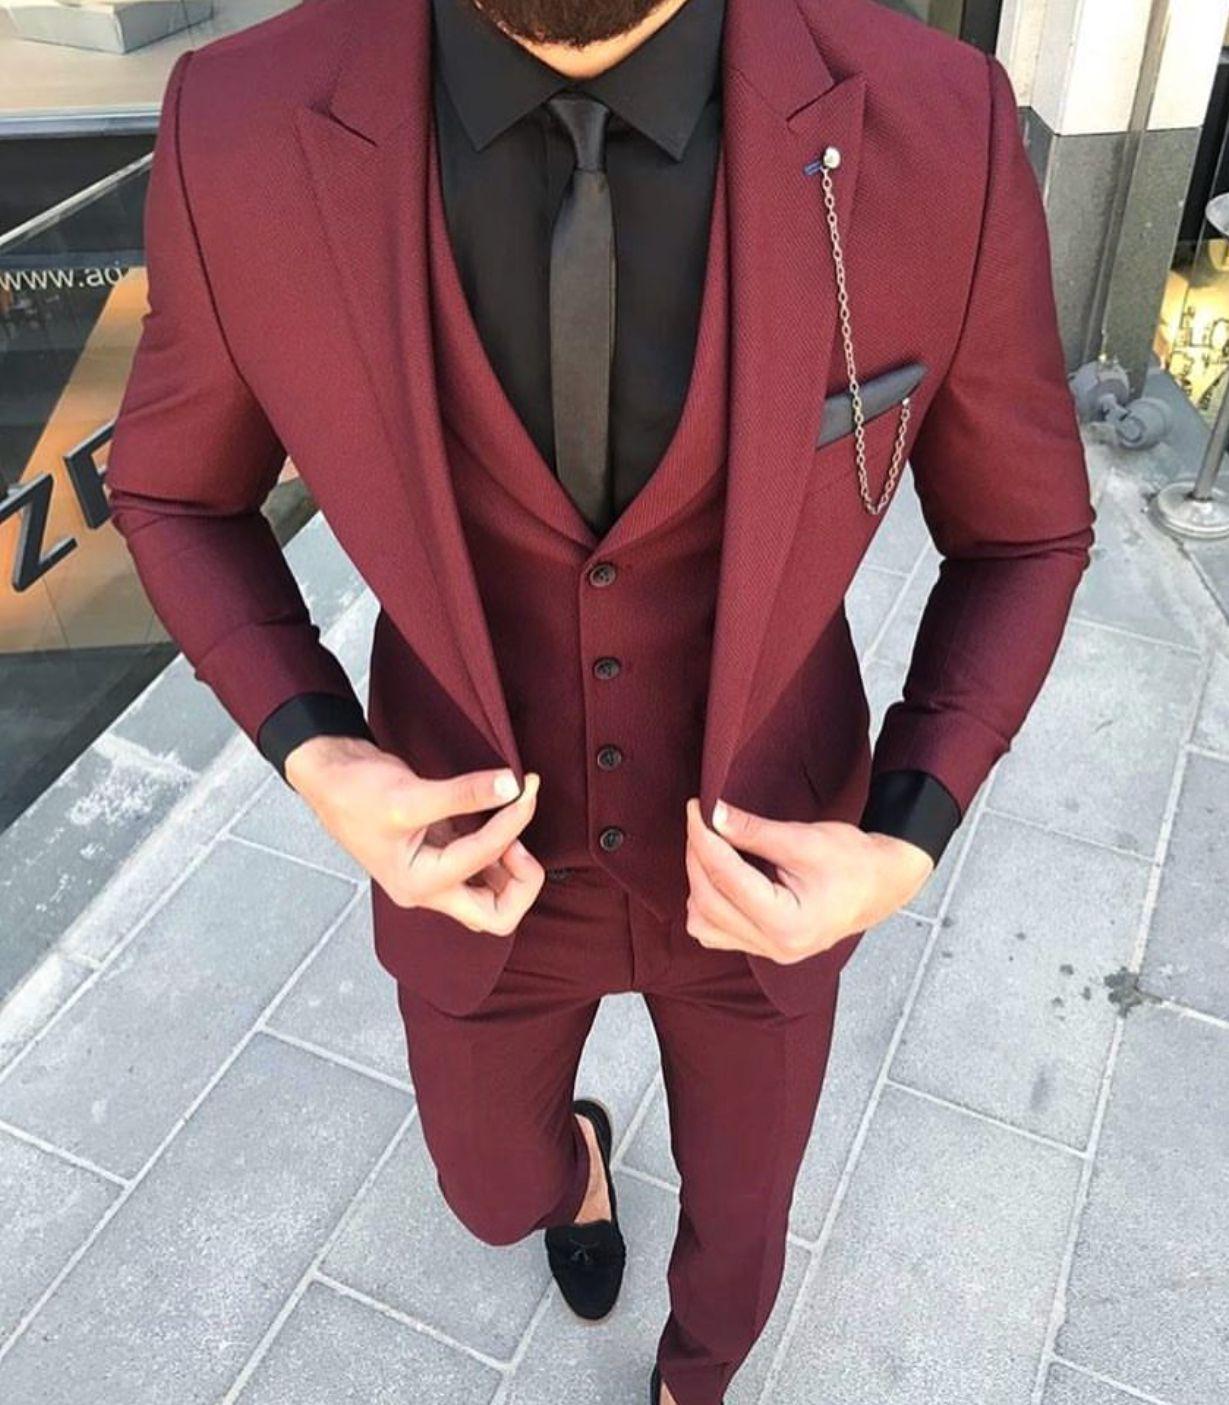 What a bold color scheme | Men\'s Fashion | Pinterest